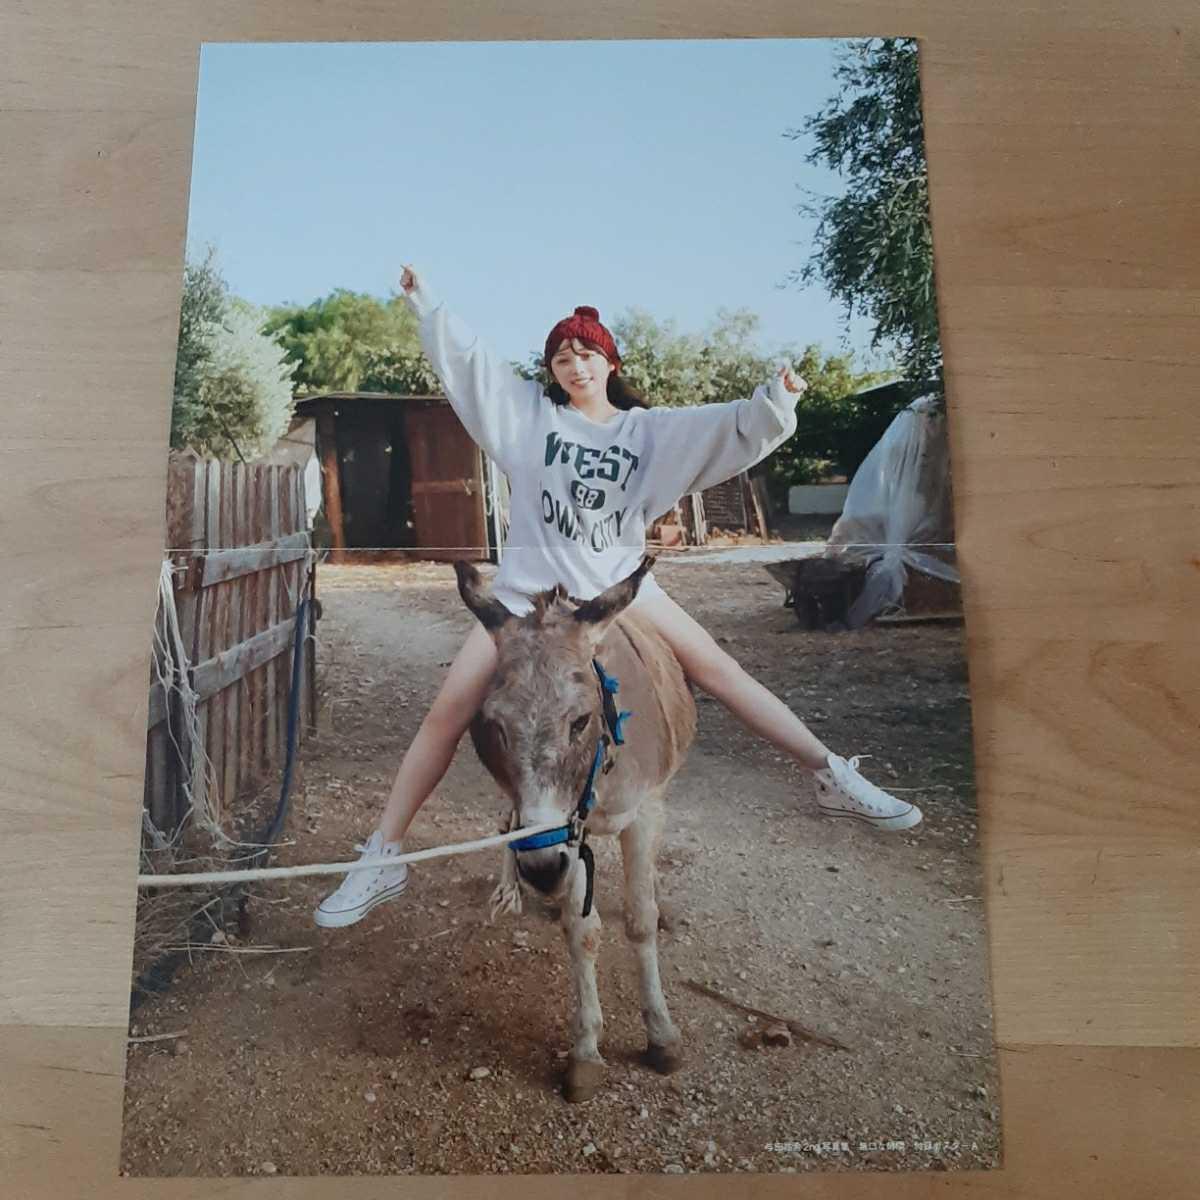 乃木坂46 与田祐希 2nd写真集 無口な時間 封入特典 ポスター 1枚 送料無料 ポスターのみ 匿名配送